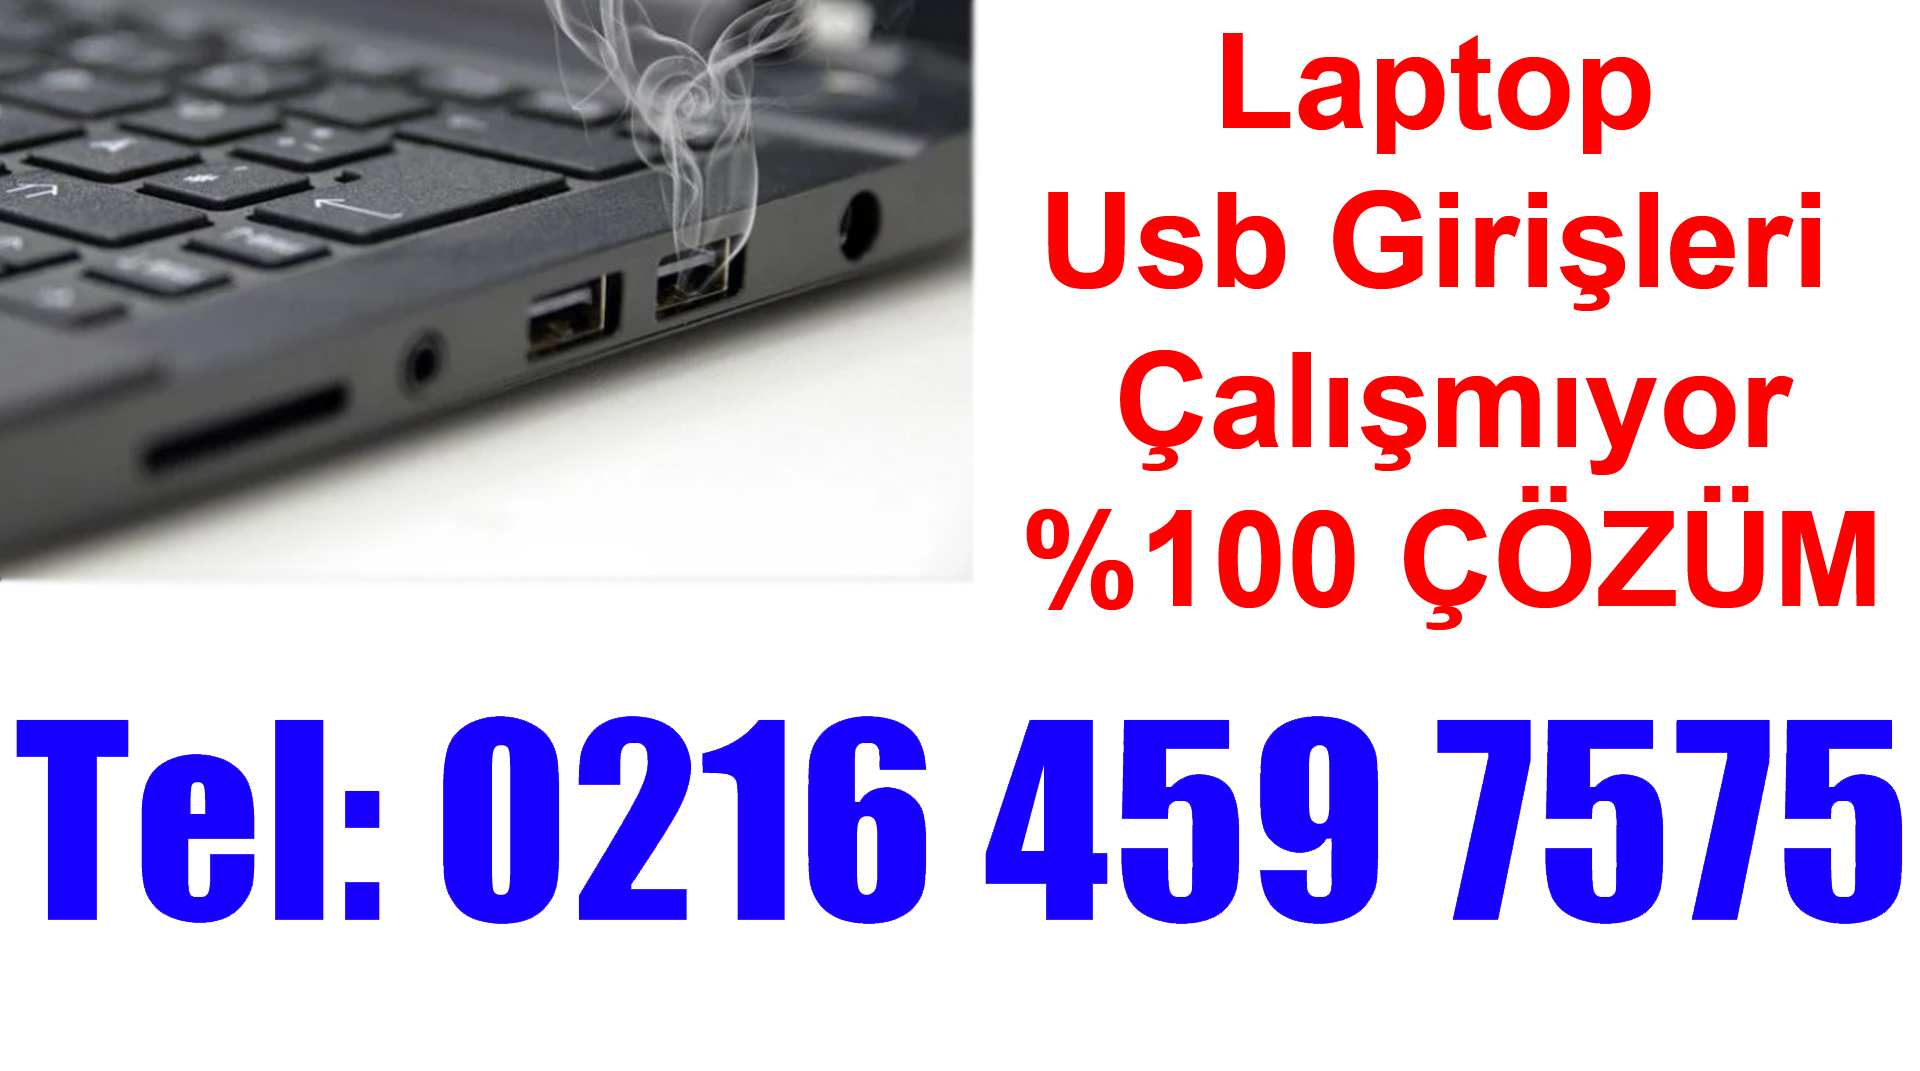 Laptop Usb Girişleri Çalışmıyor